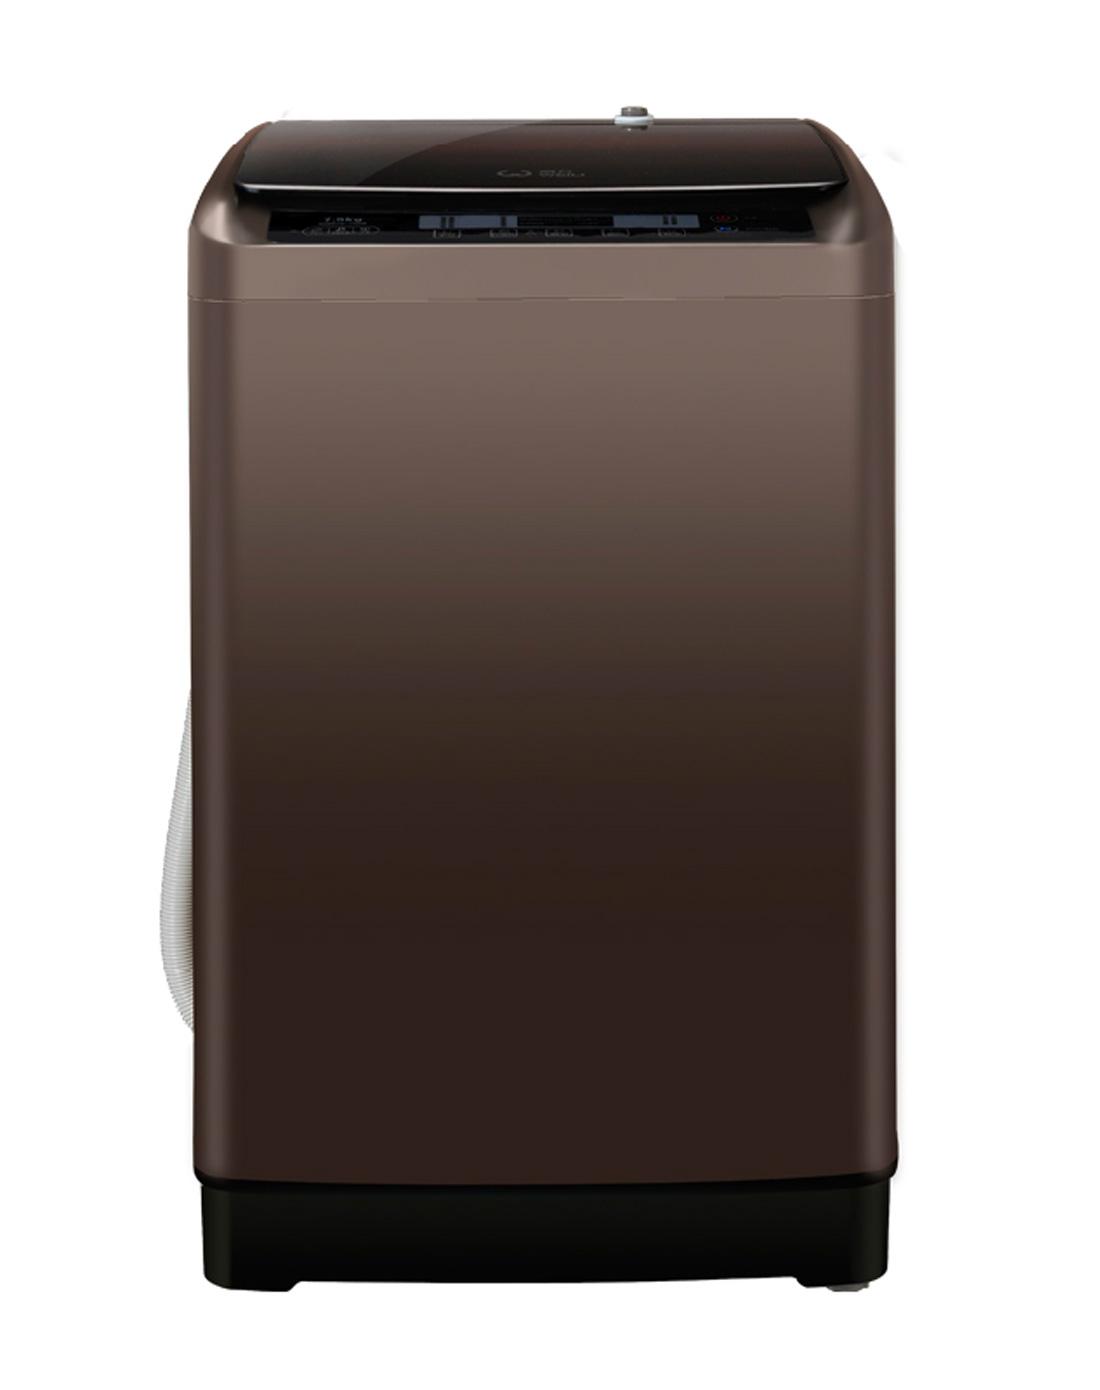 威力7.5kg双桶洗衣机电路图